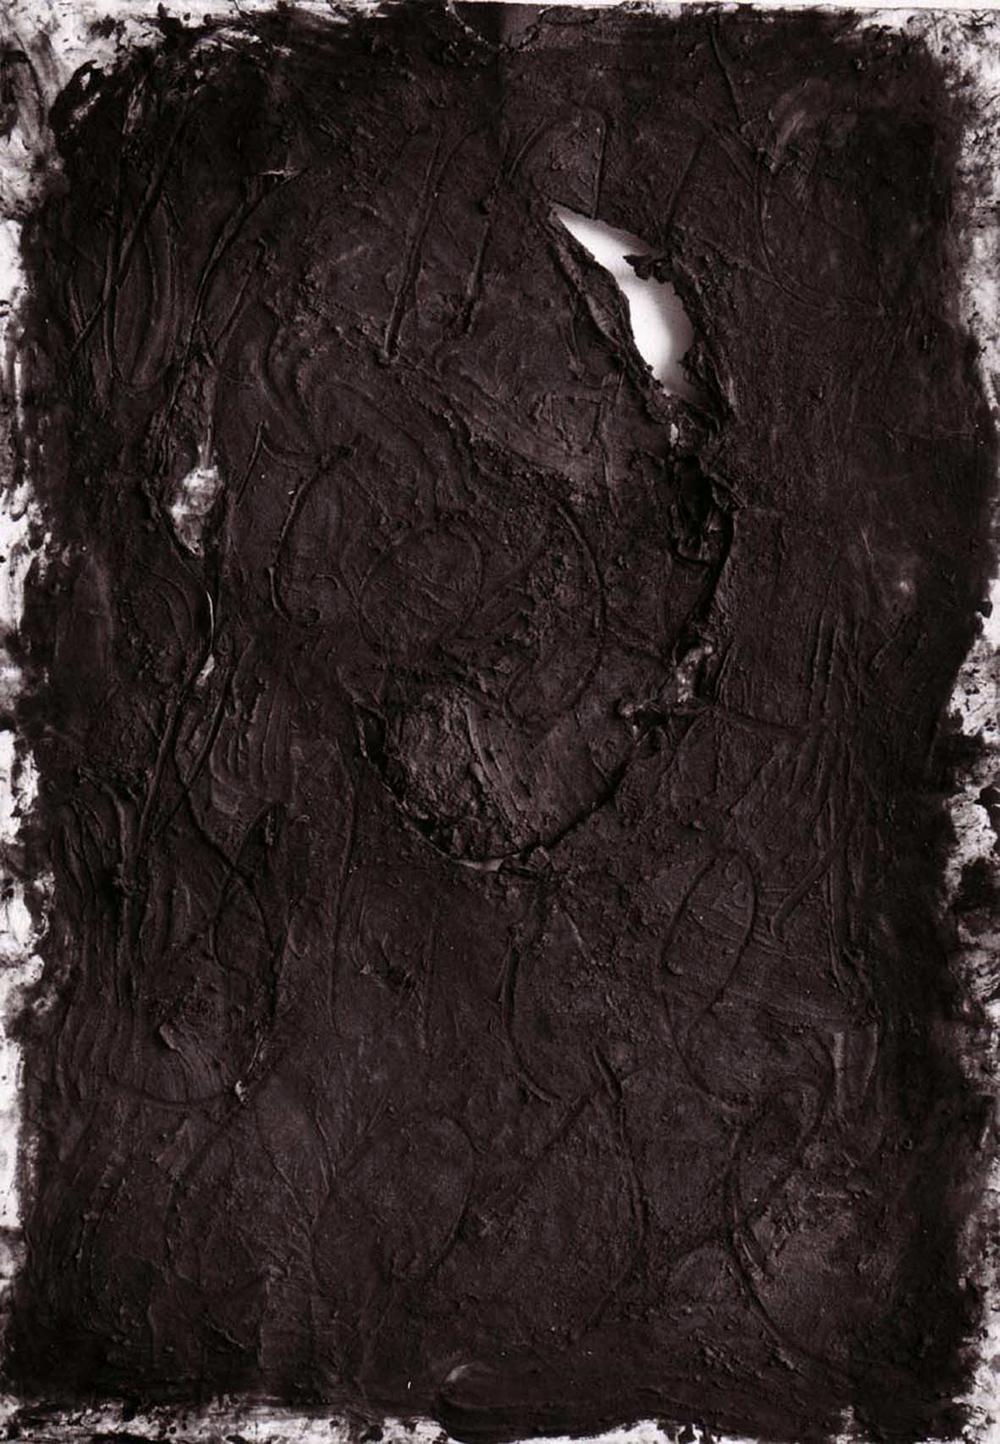 Giuseppe Spagnulo, Le mie rose, le tue rose, 2003, sabbia di vulcano, ossido di ferro, carbone su carte sovrapposte, cm 213x150